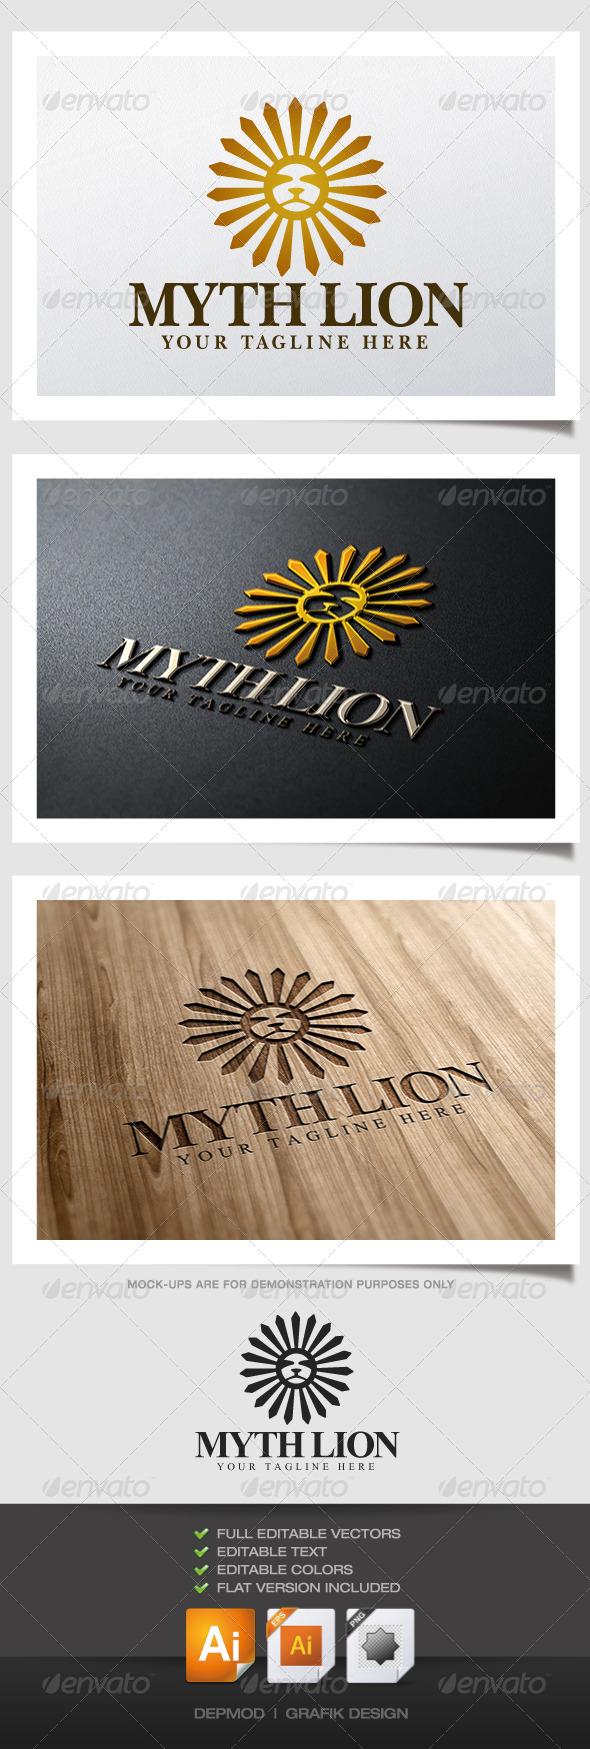 GraphicRiver Myth Lion Logo 5163873